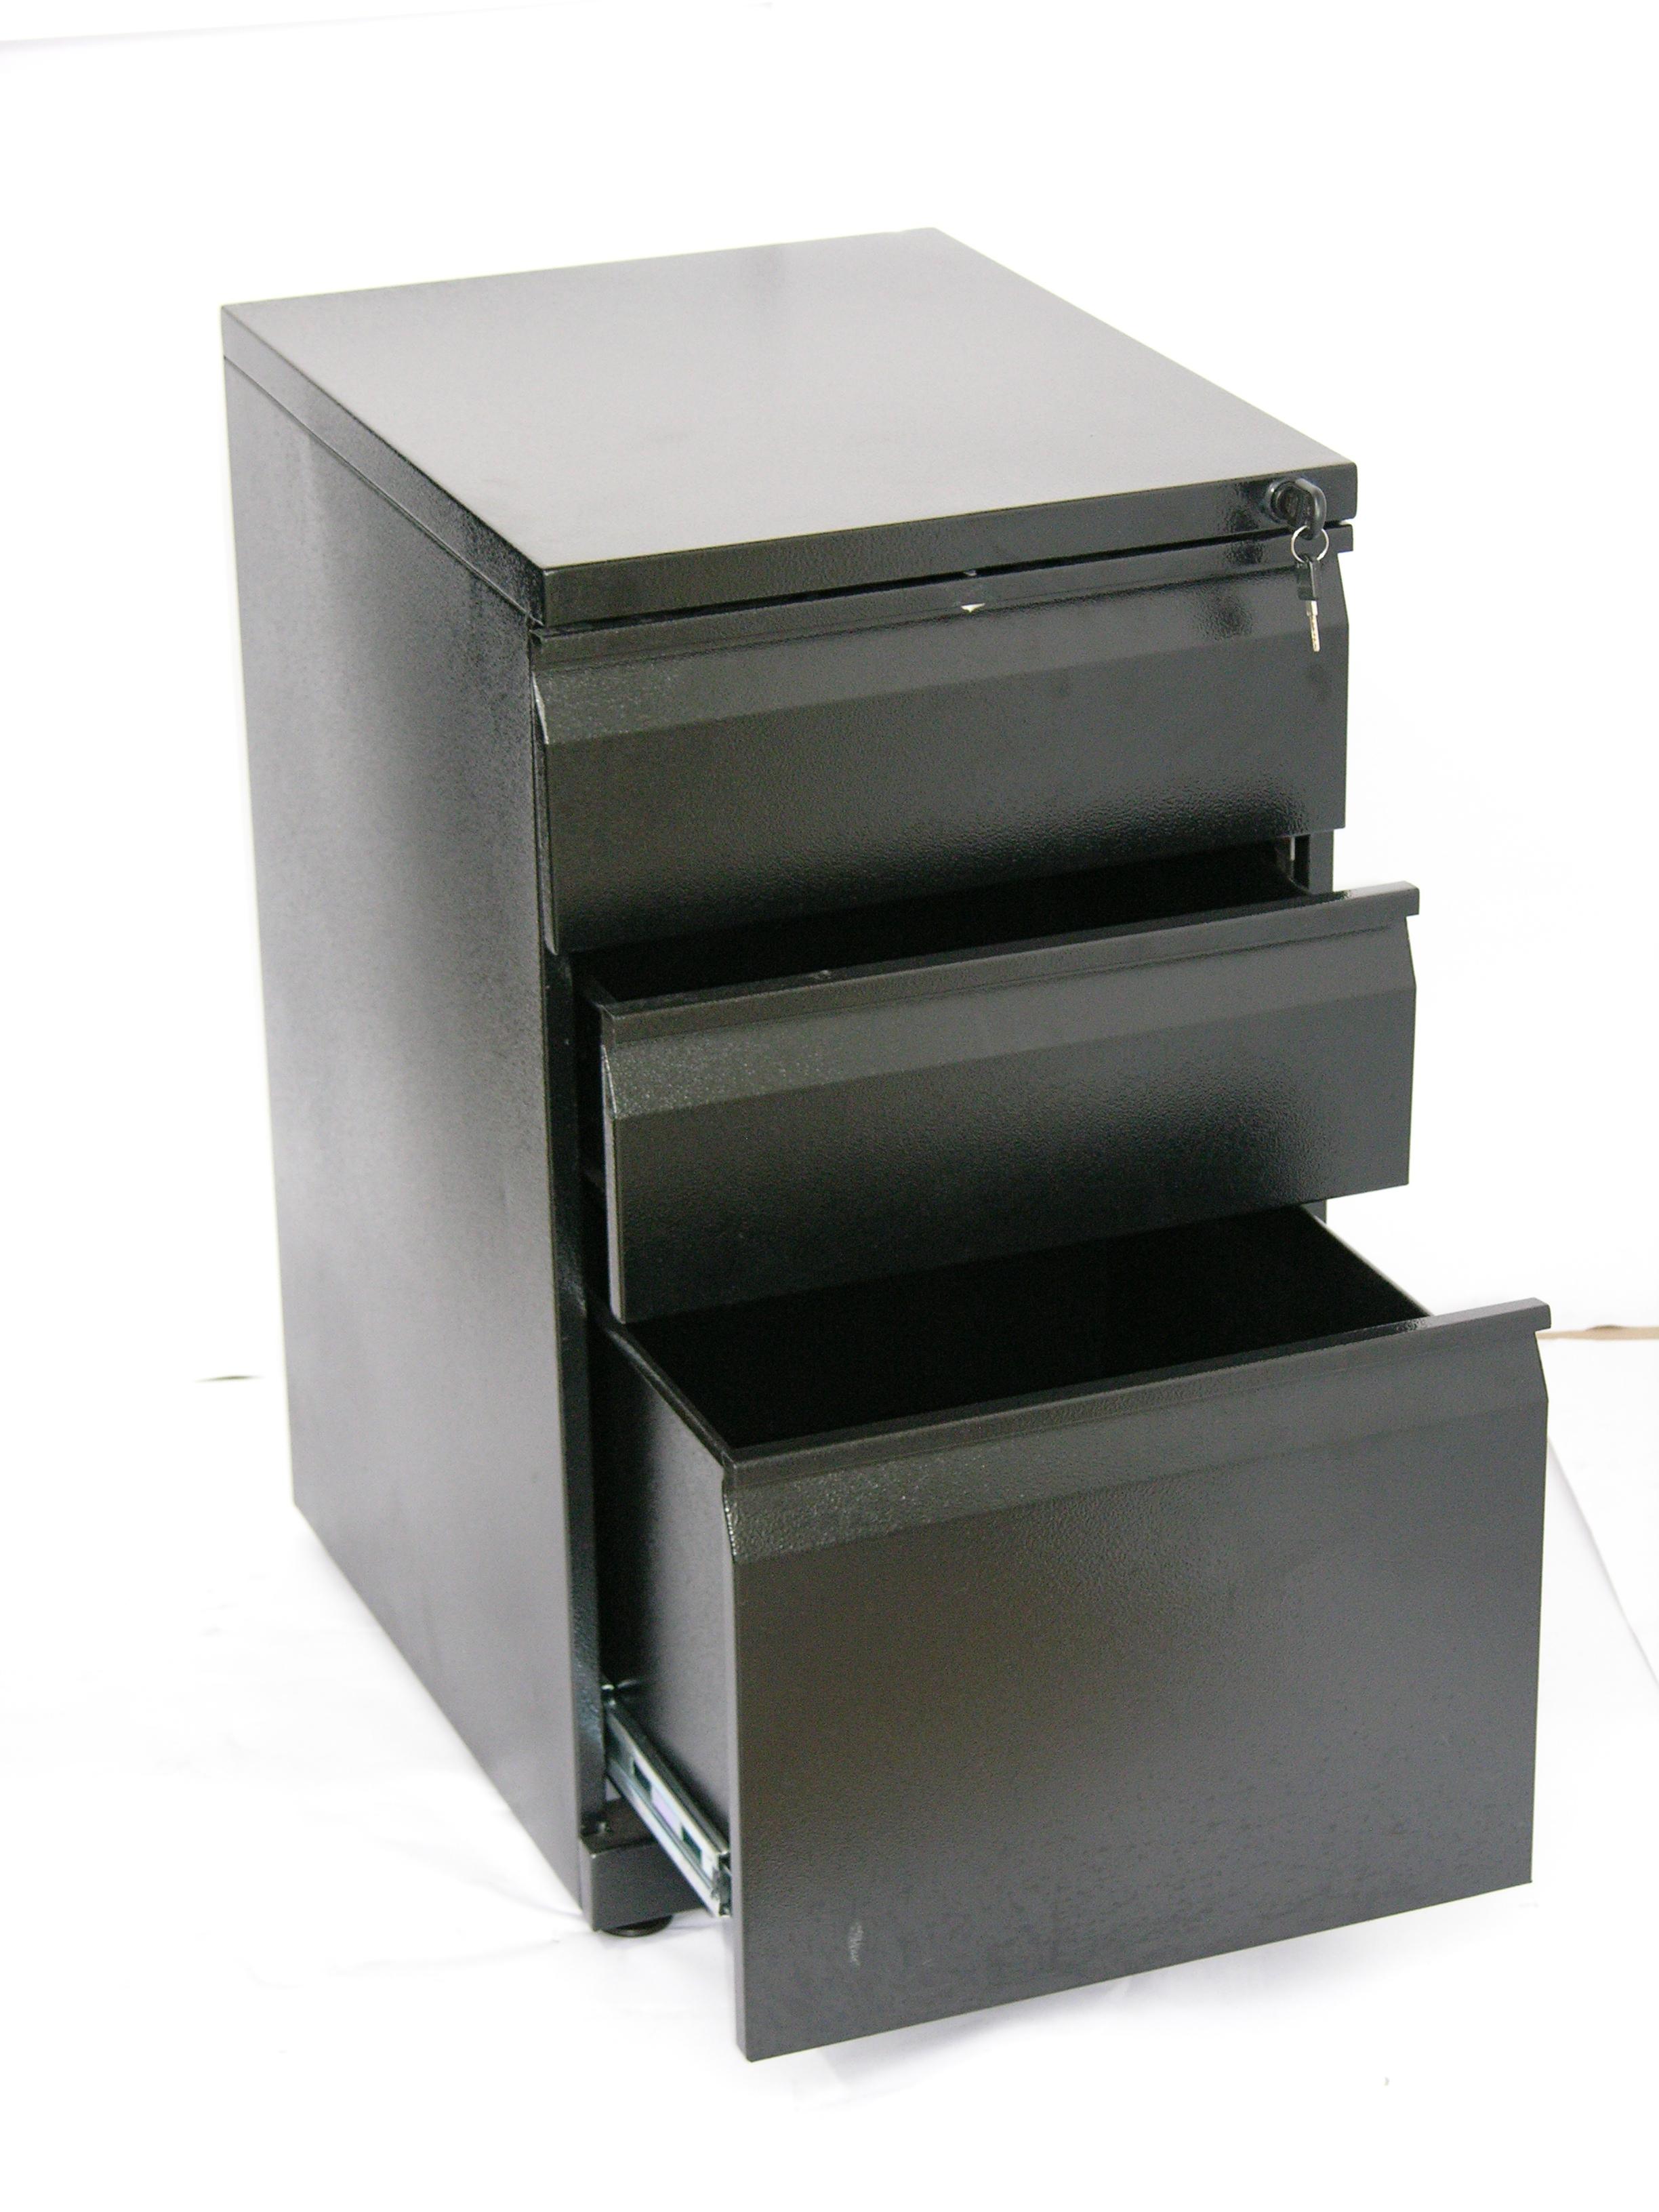 Muebles bogota muebles oficina sillas archivadores for Muebles de oficina 1